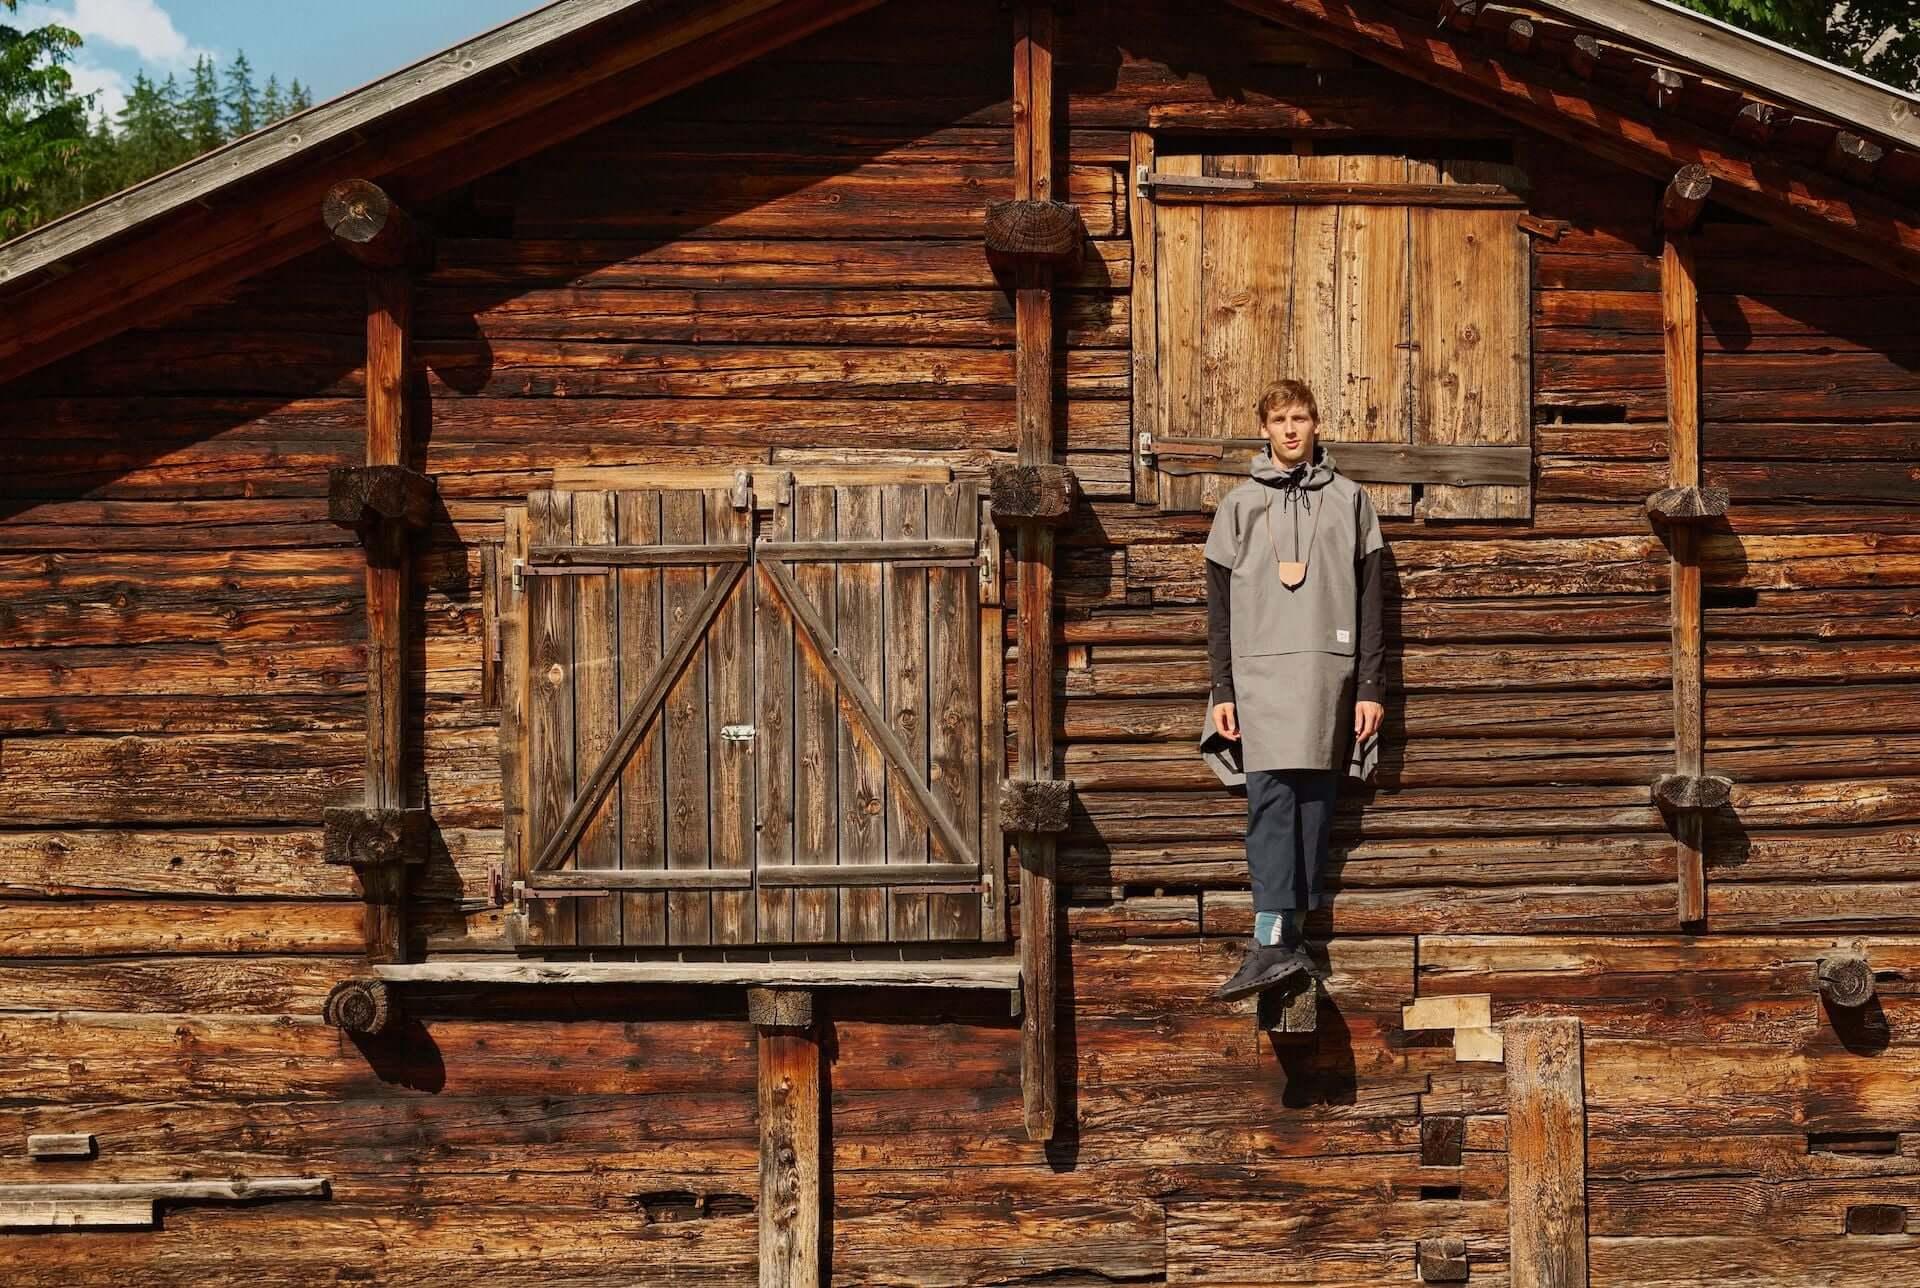 スイス発ブランド「On」が世界600着限定のハイエンドジャケットを発売!環境に配慮したオーガニックコットンを使用 lf201015_on-jacket_6-1920x1288